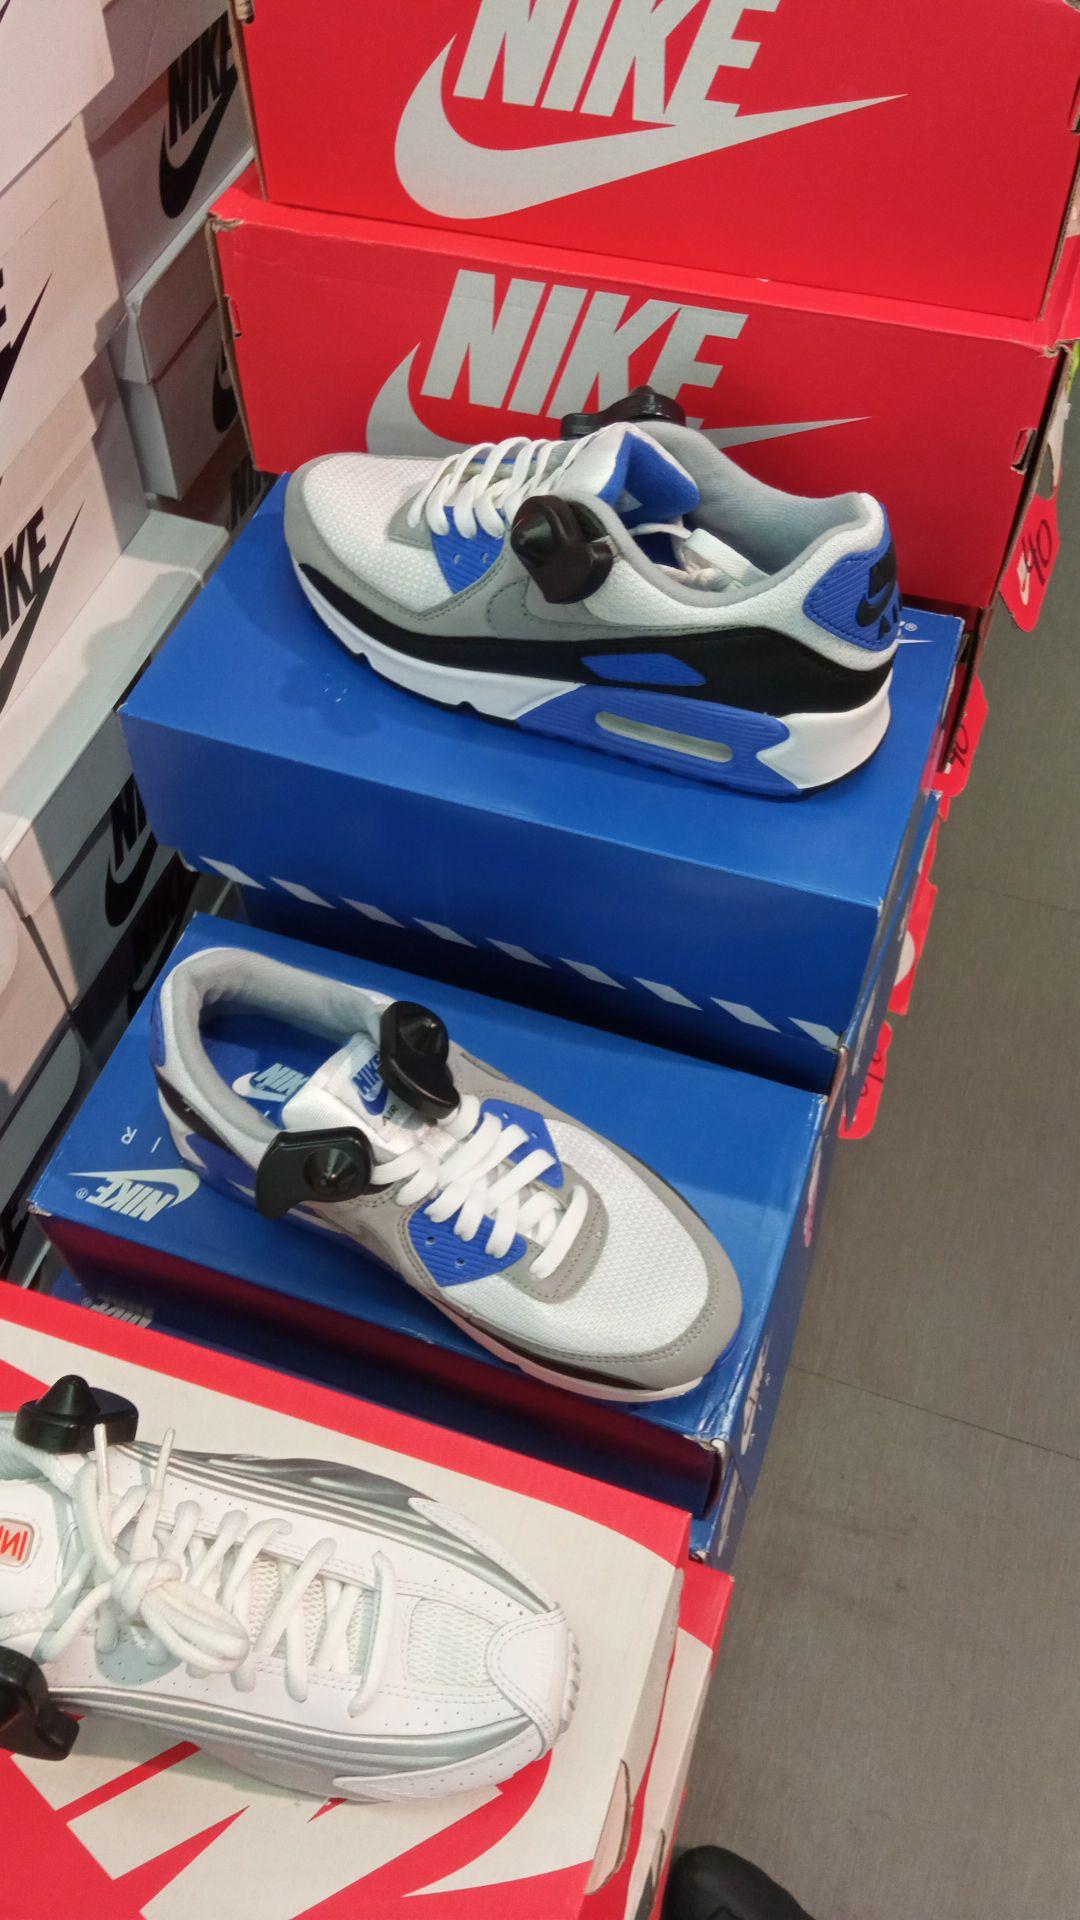 Paire de baskets Nike Air Max 90 pour Hommes (Diverses tailles) - Sainte Geneviève des Bois (91)